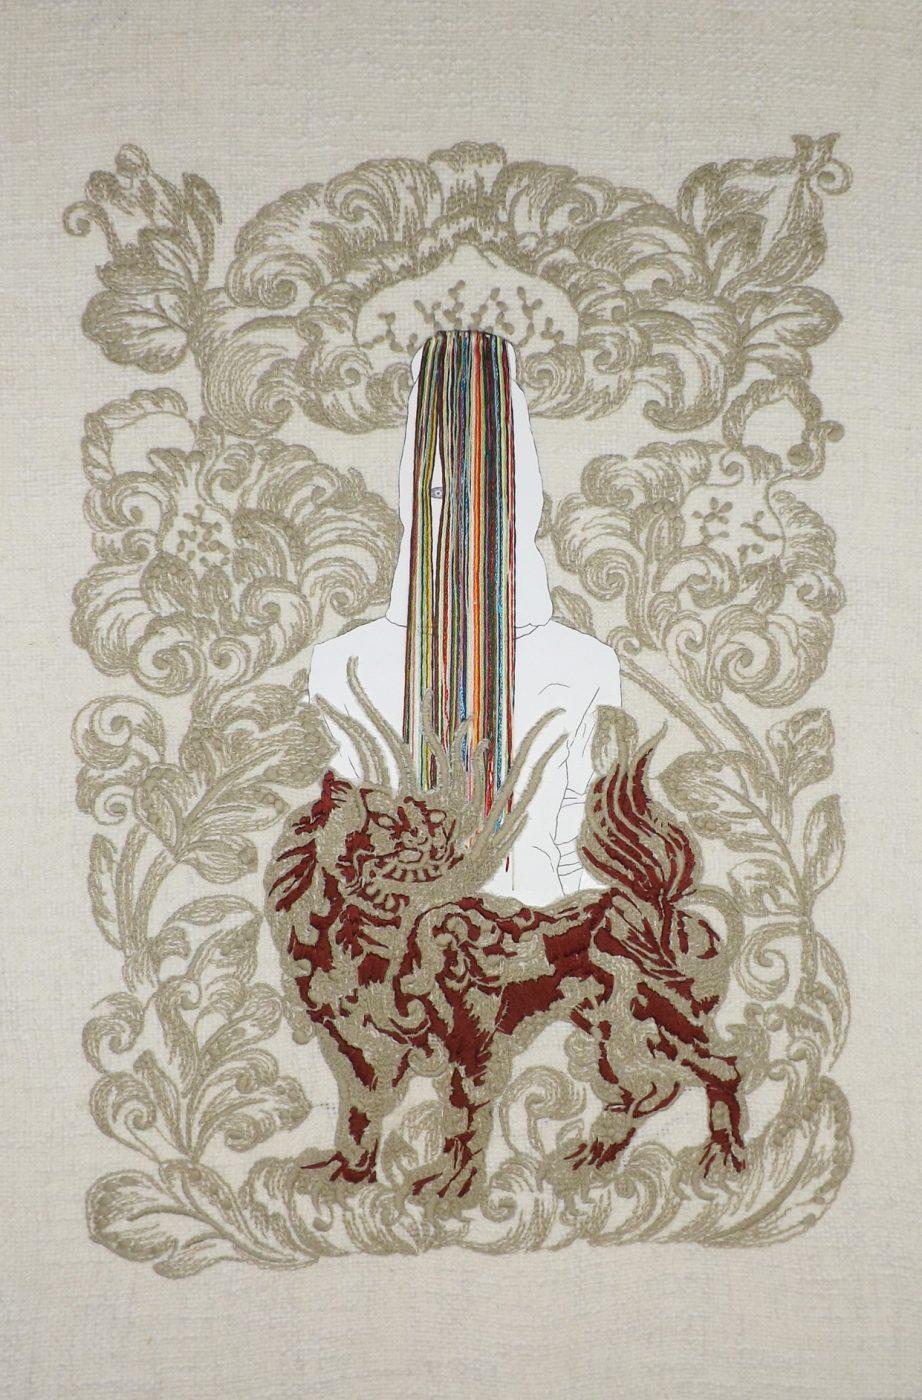 Cara, bordados sobre tela y papel, 50x32,5cms, 2017.